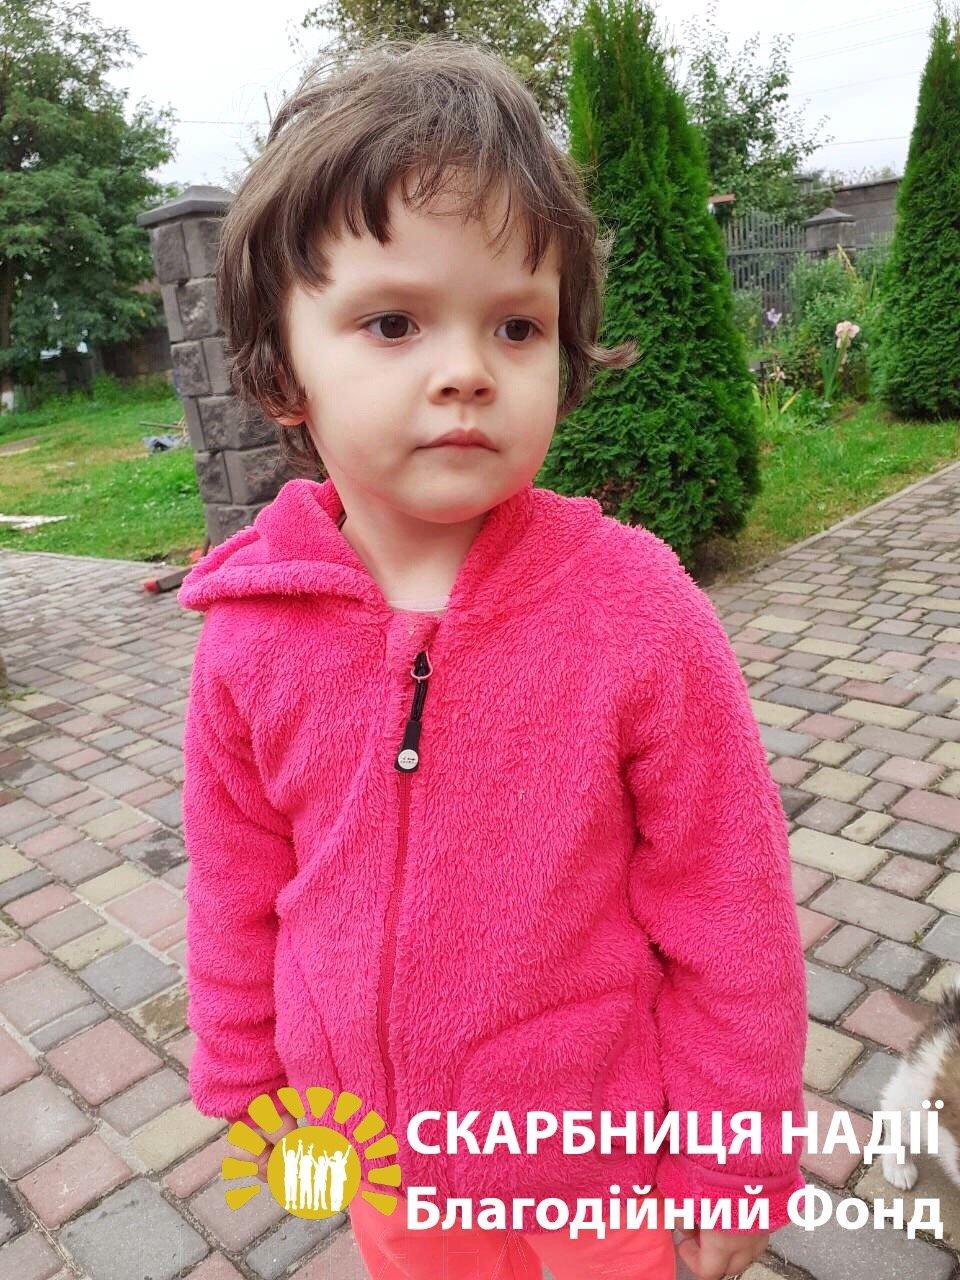 На лікування маленької дівчинки з Рівненщини потрібно 22 тисячі гривень , фото-1